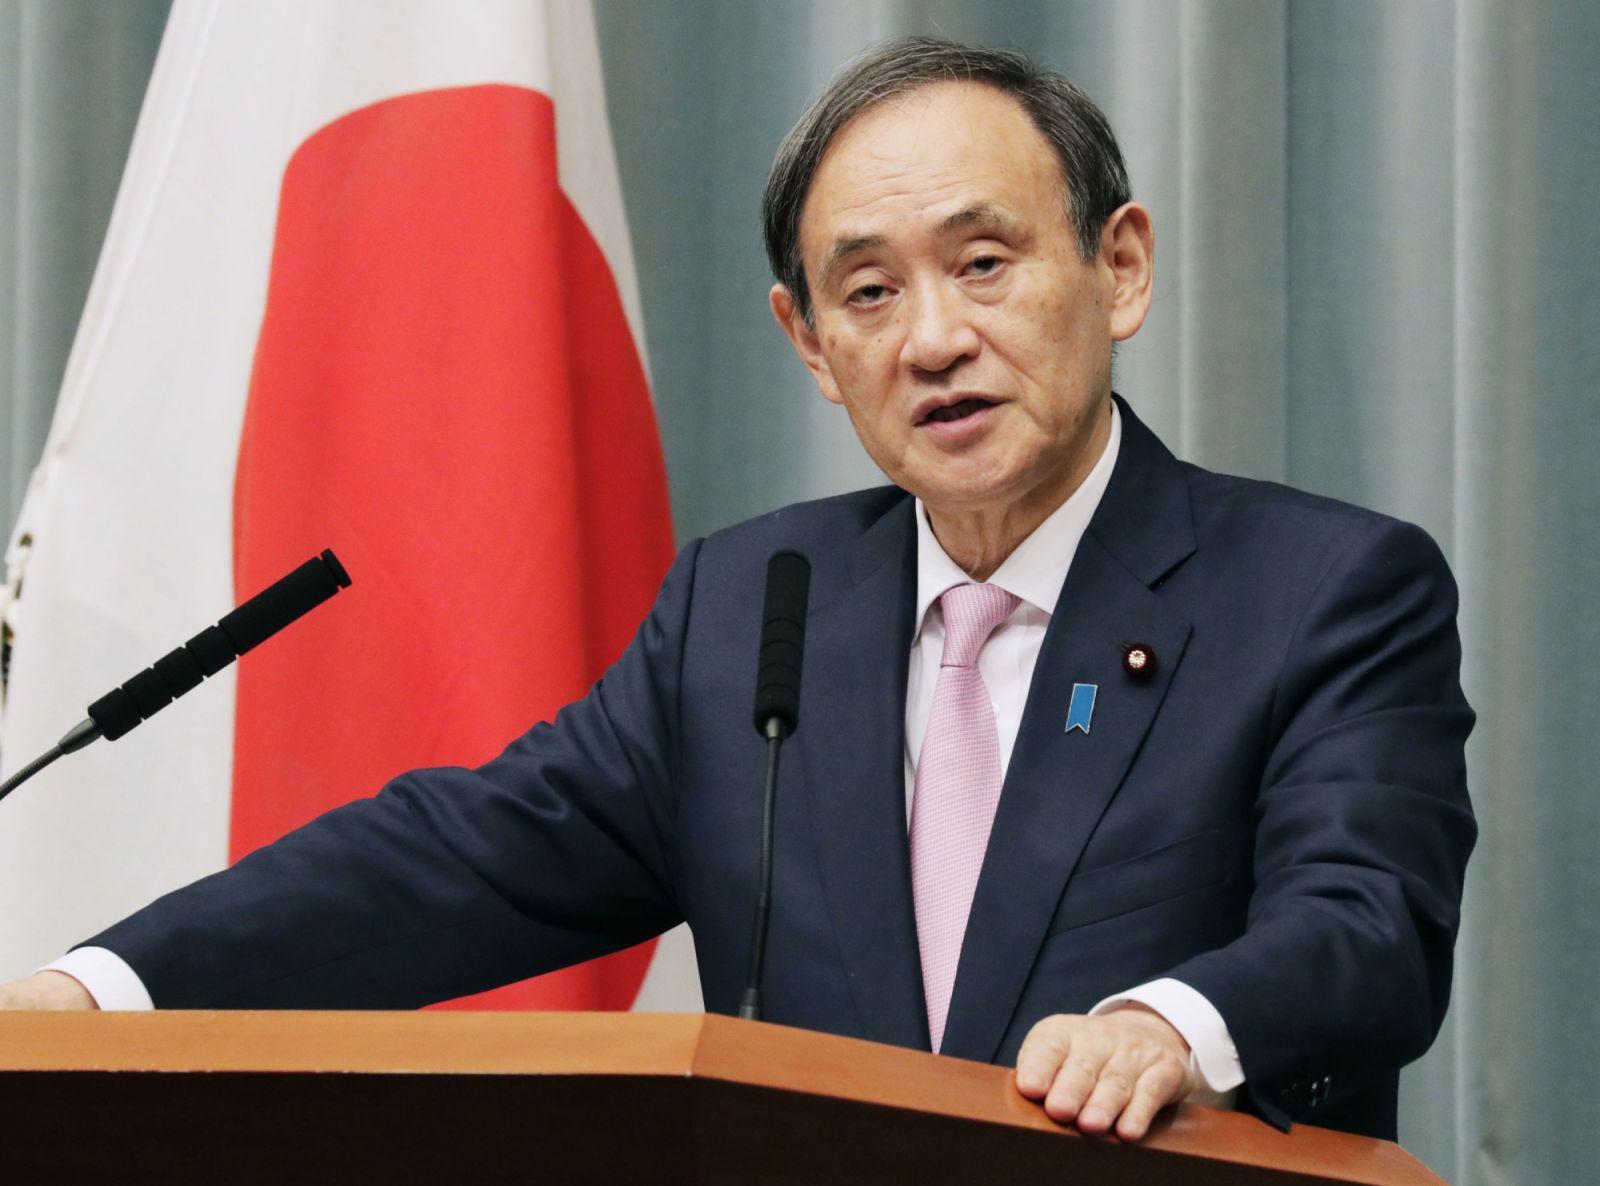 Новый премьер Японии Суга отправился в первое зарубежное турне – во Вьетнам и Индонезию